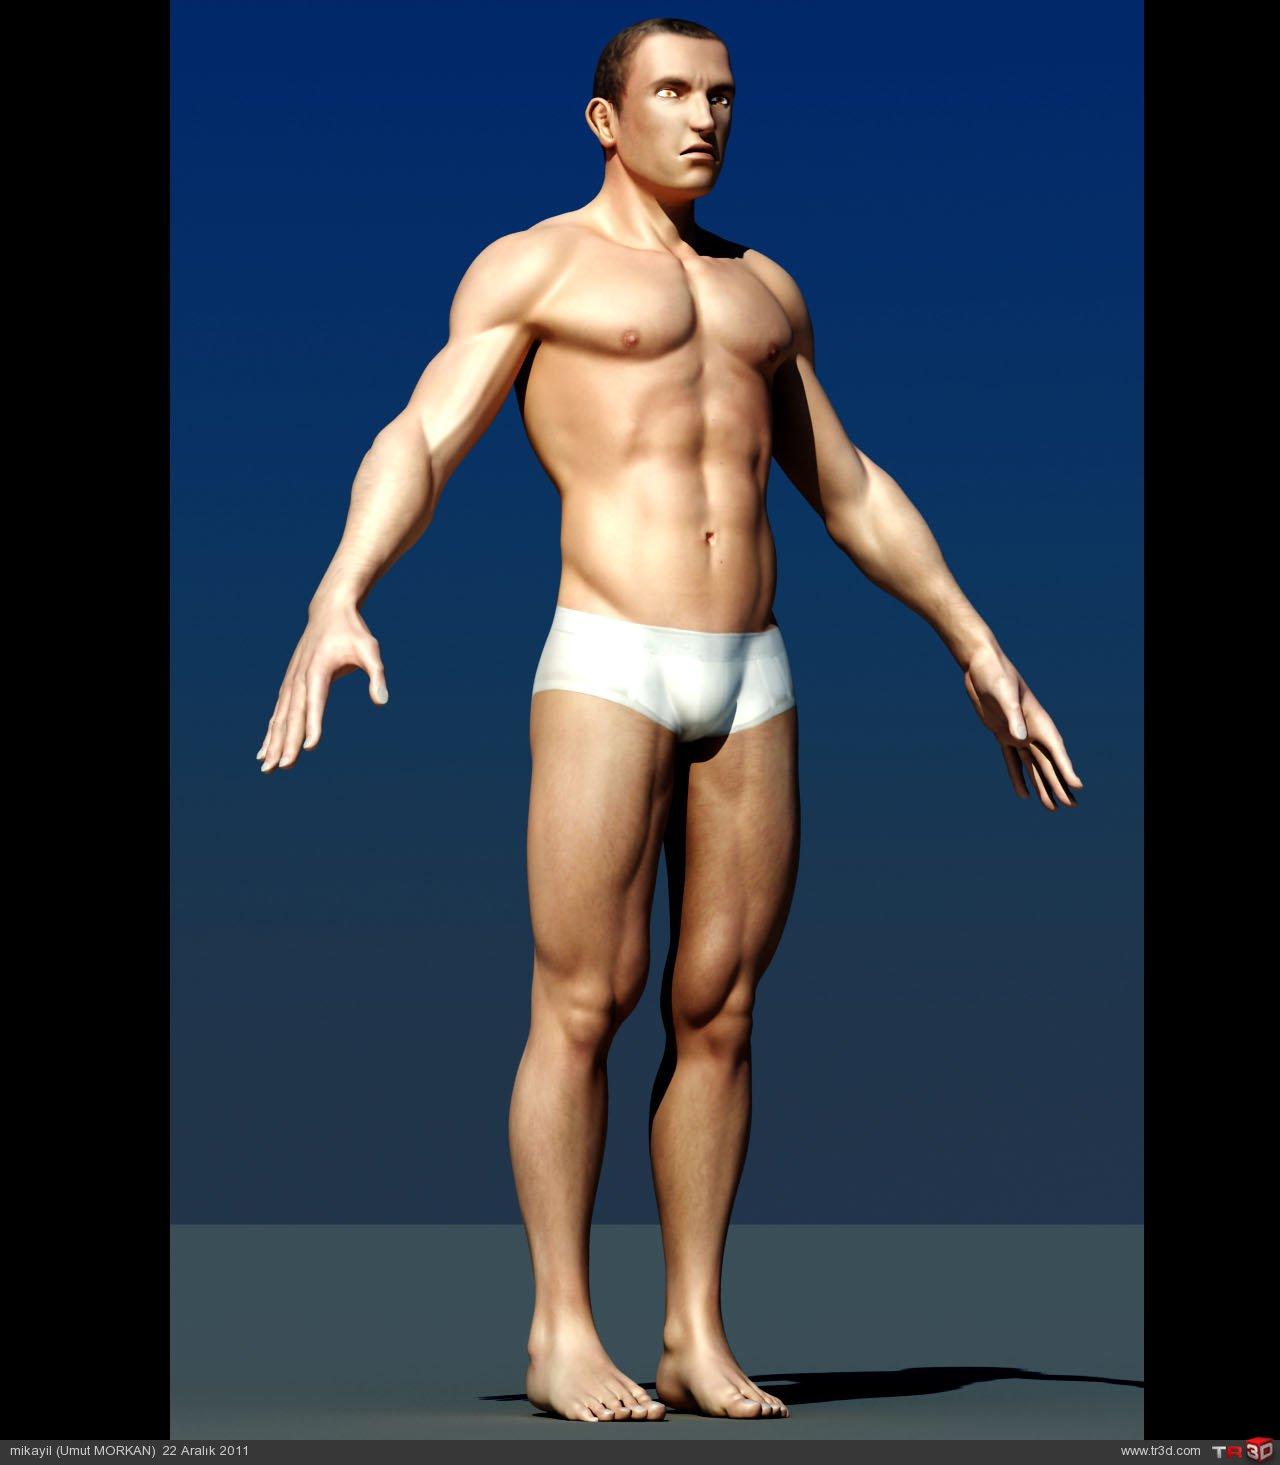 Male character modeling(Erkek karakter modelemesi) 2